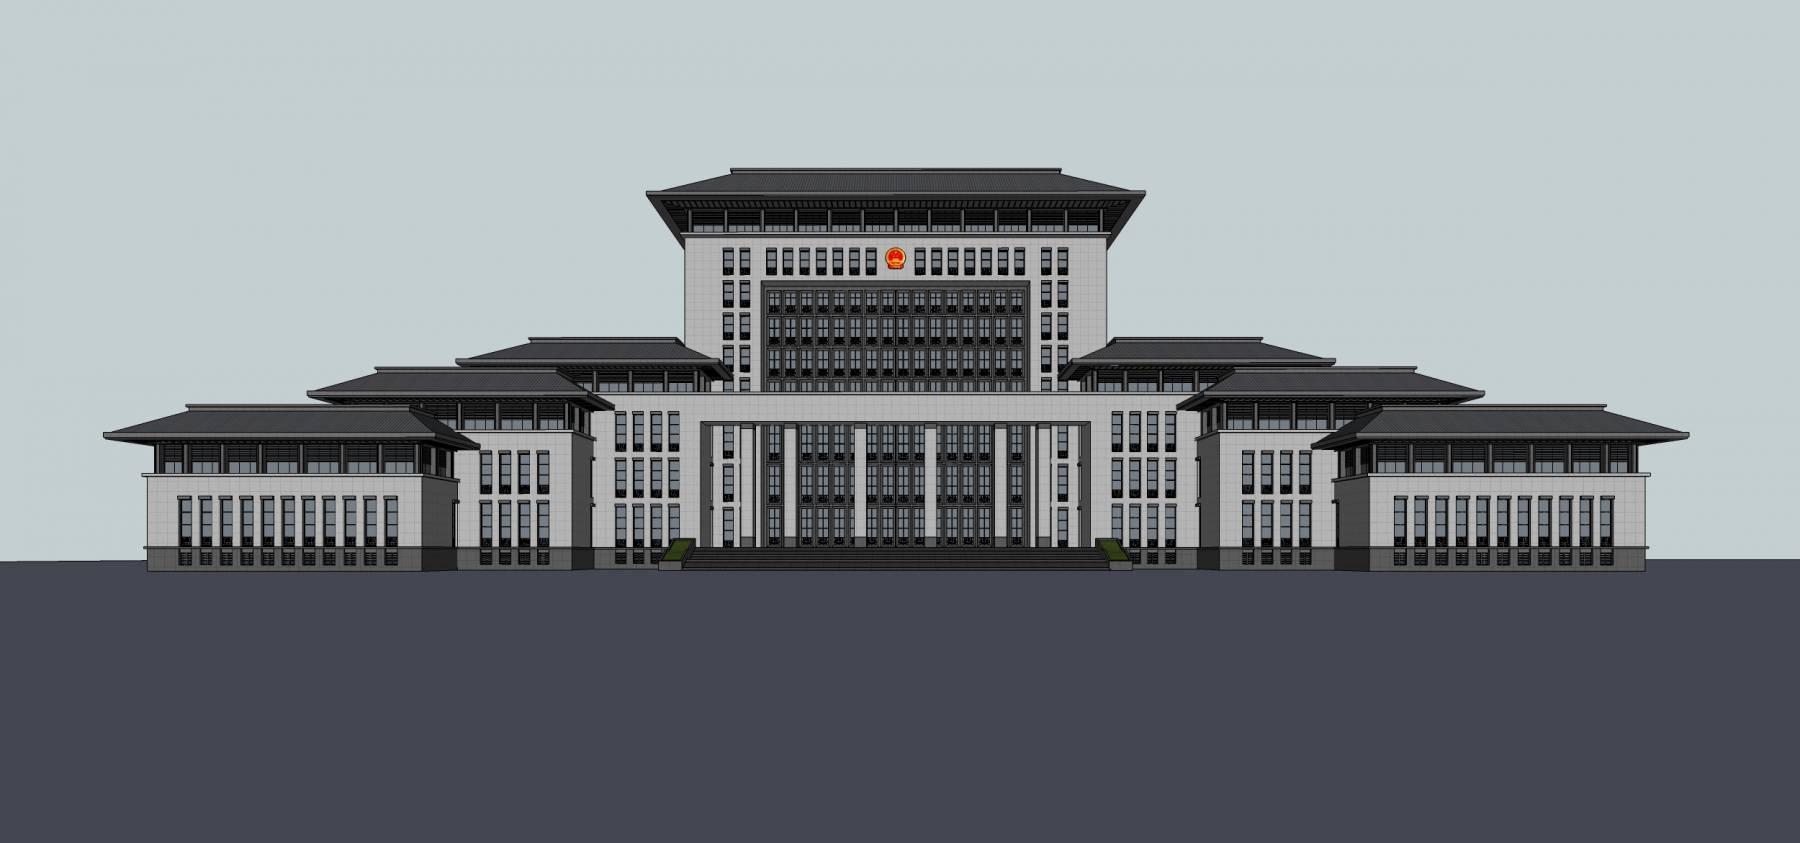 嘉峪关法院办公楼